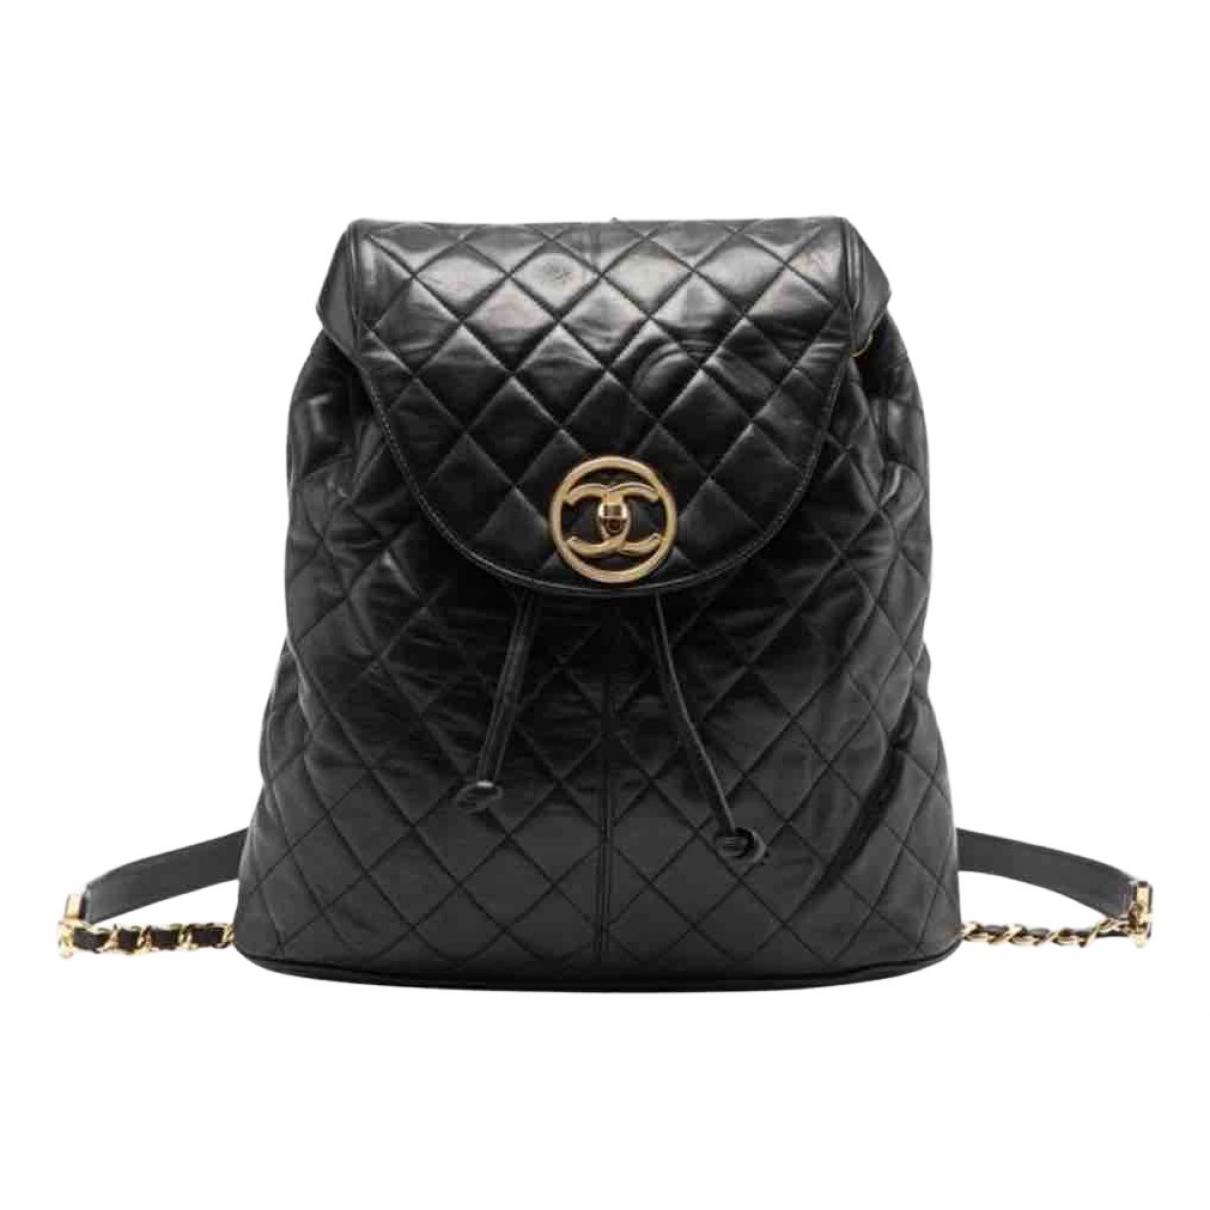 Chanel - Sac a dos   pour femme en cuir - noir